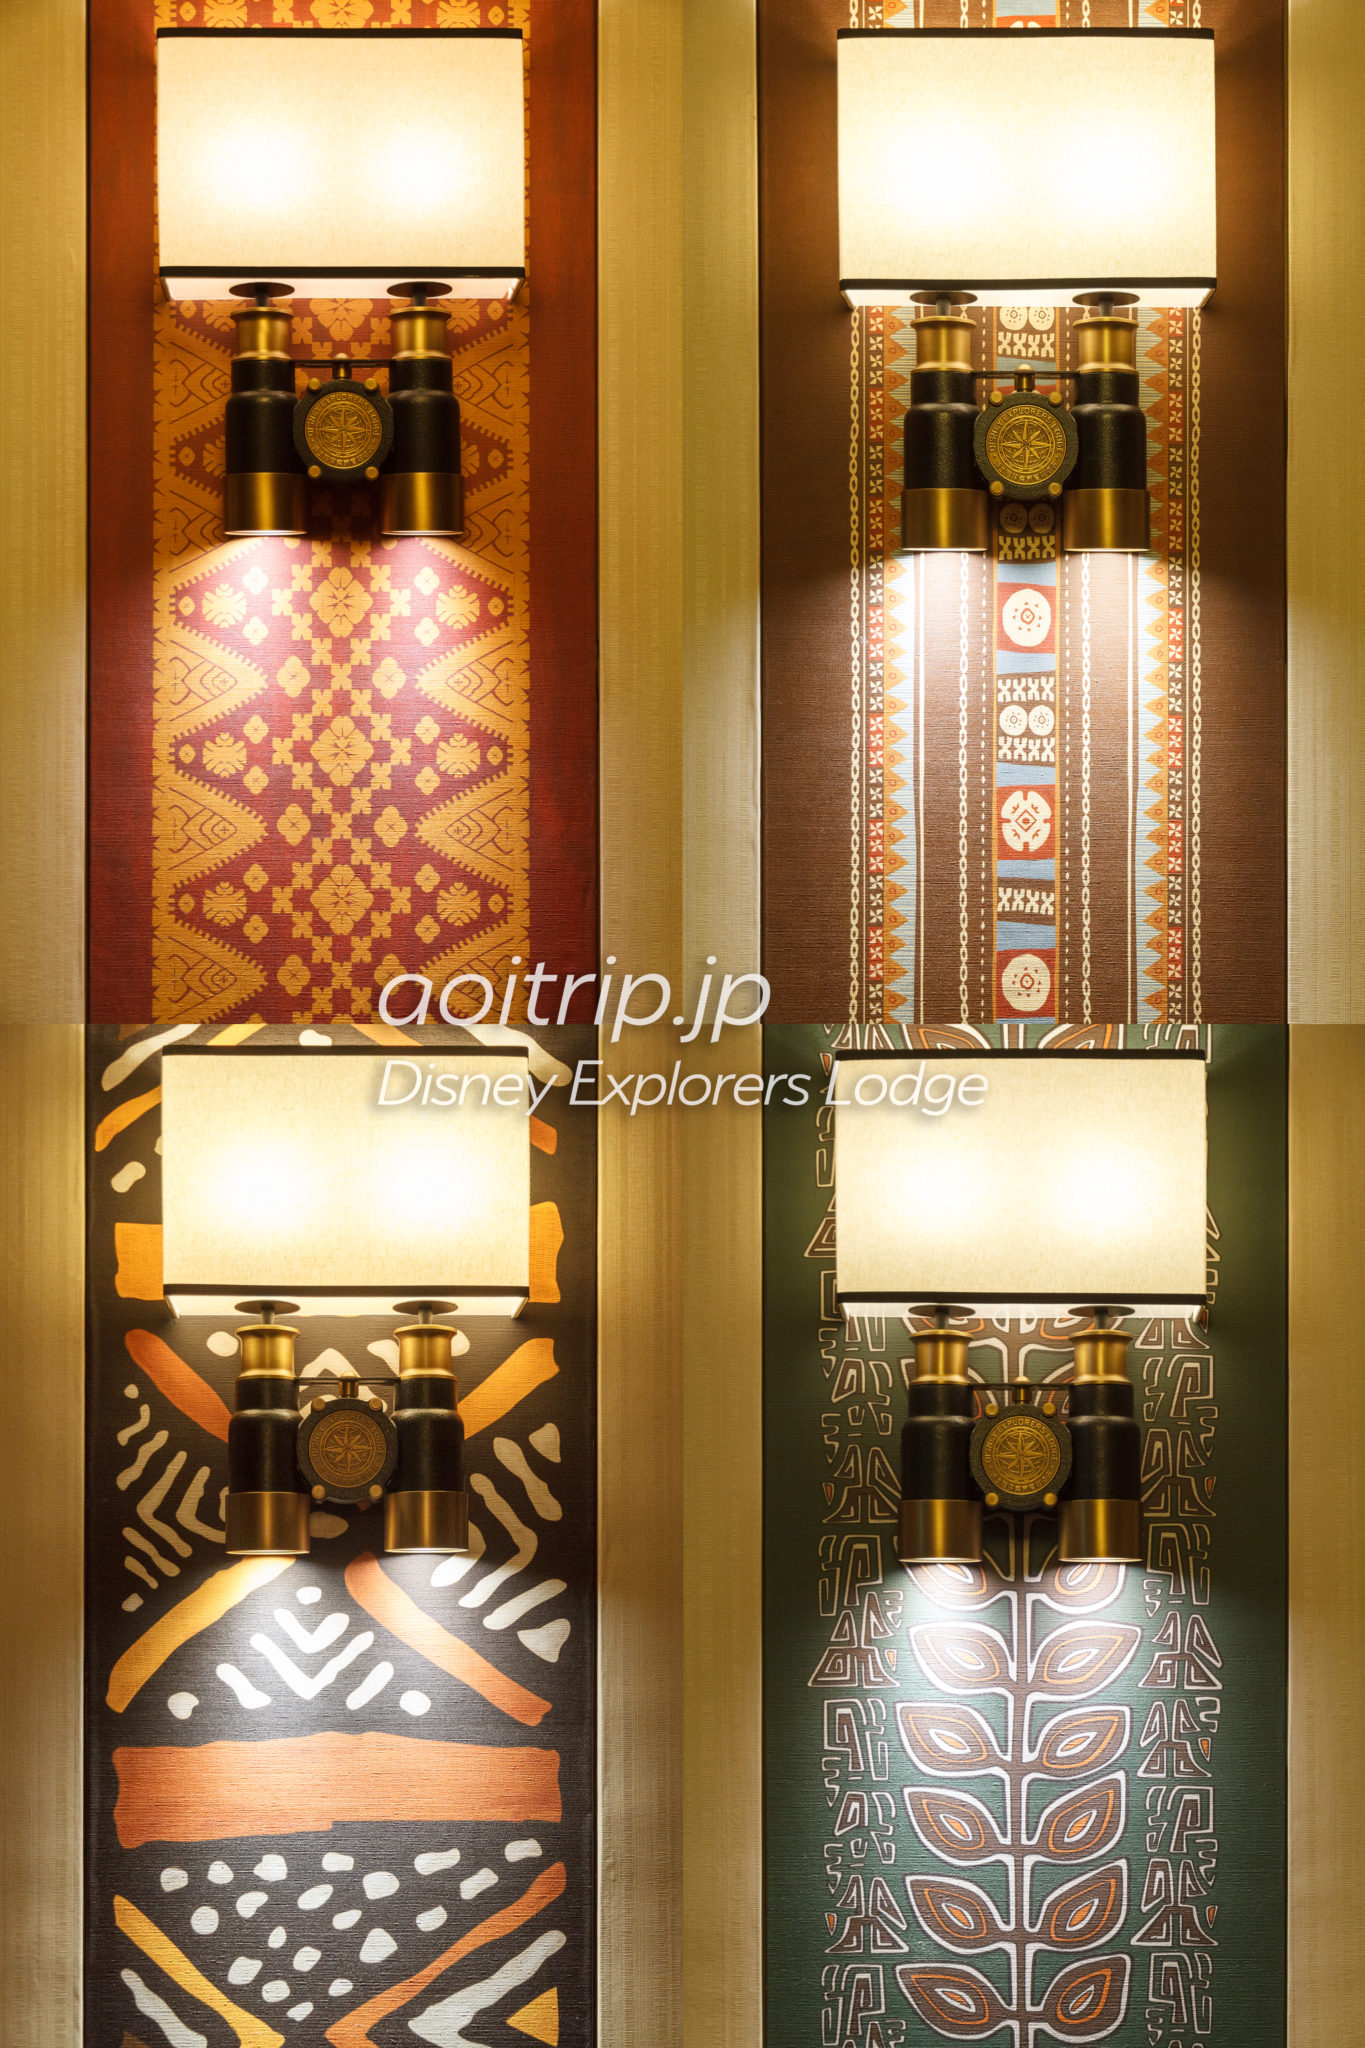 ディズニーエクスプローラーズロッジのアジア、南米、オセアニア、アフリカの照明